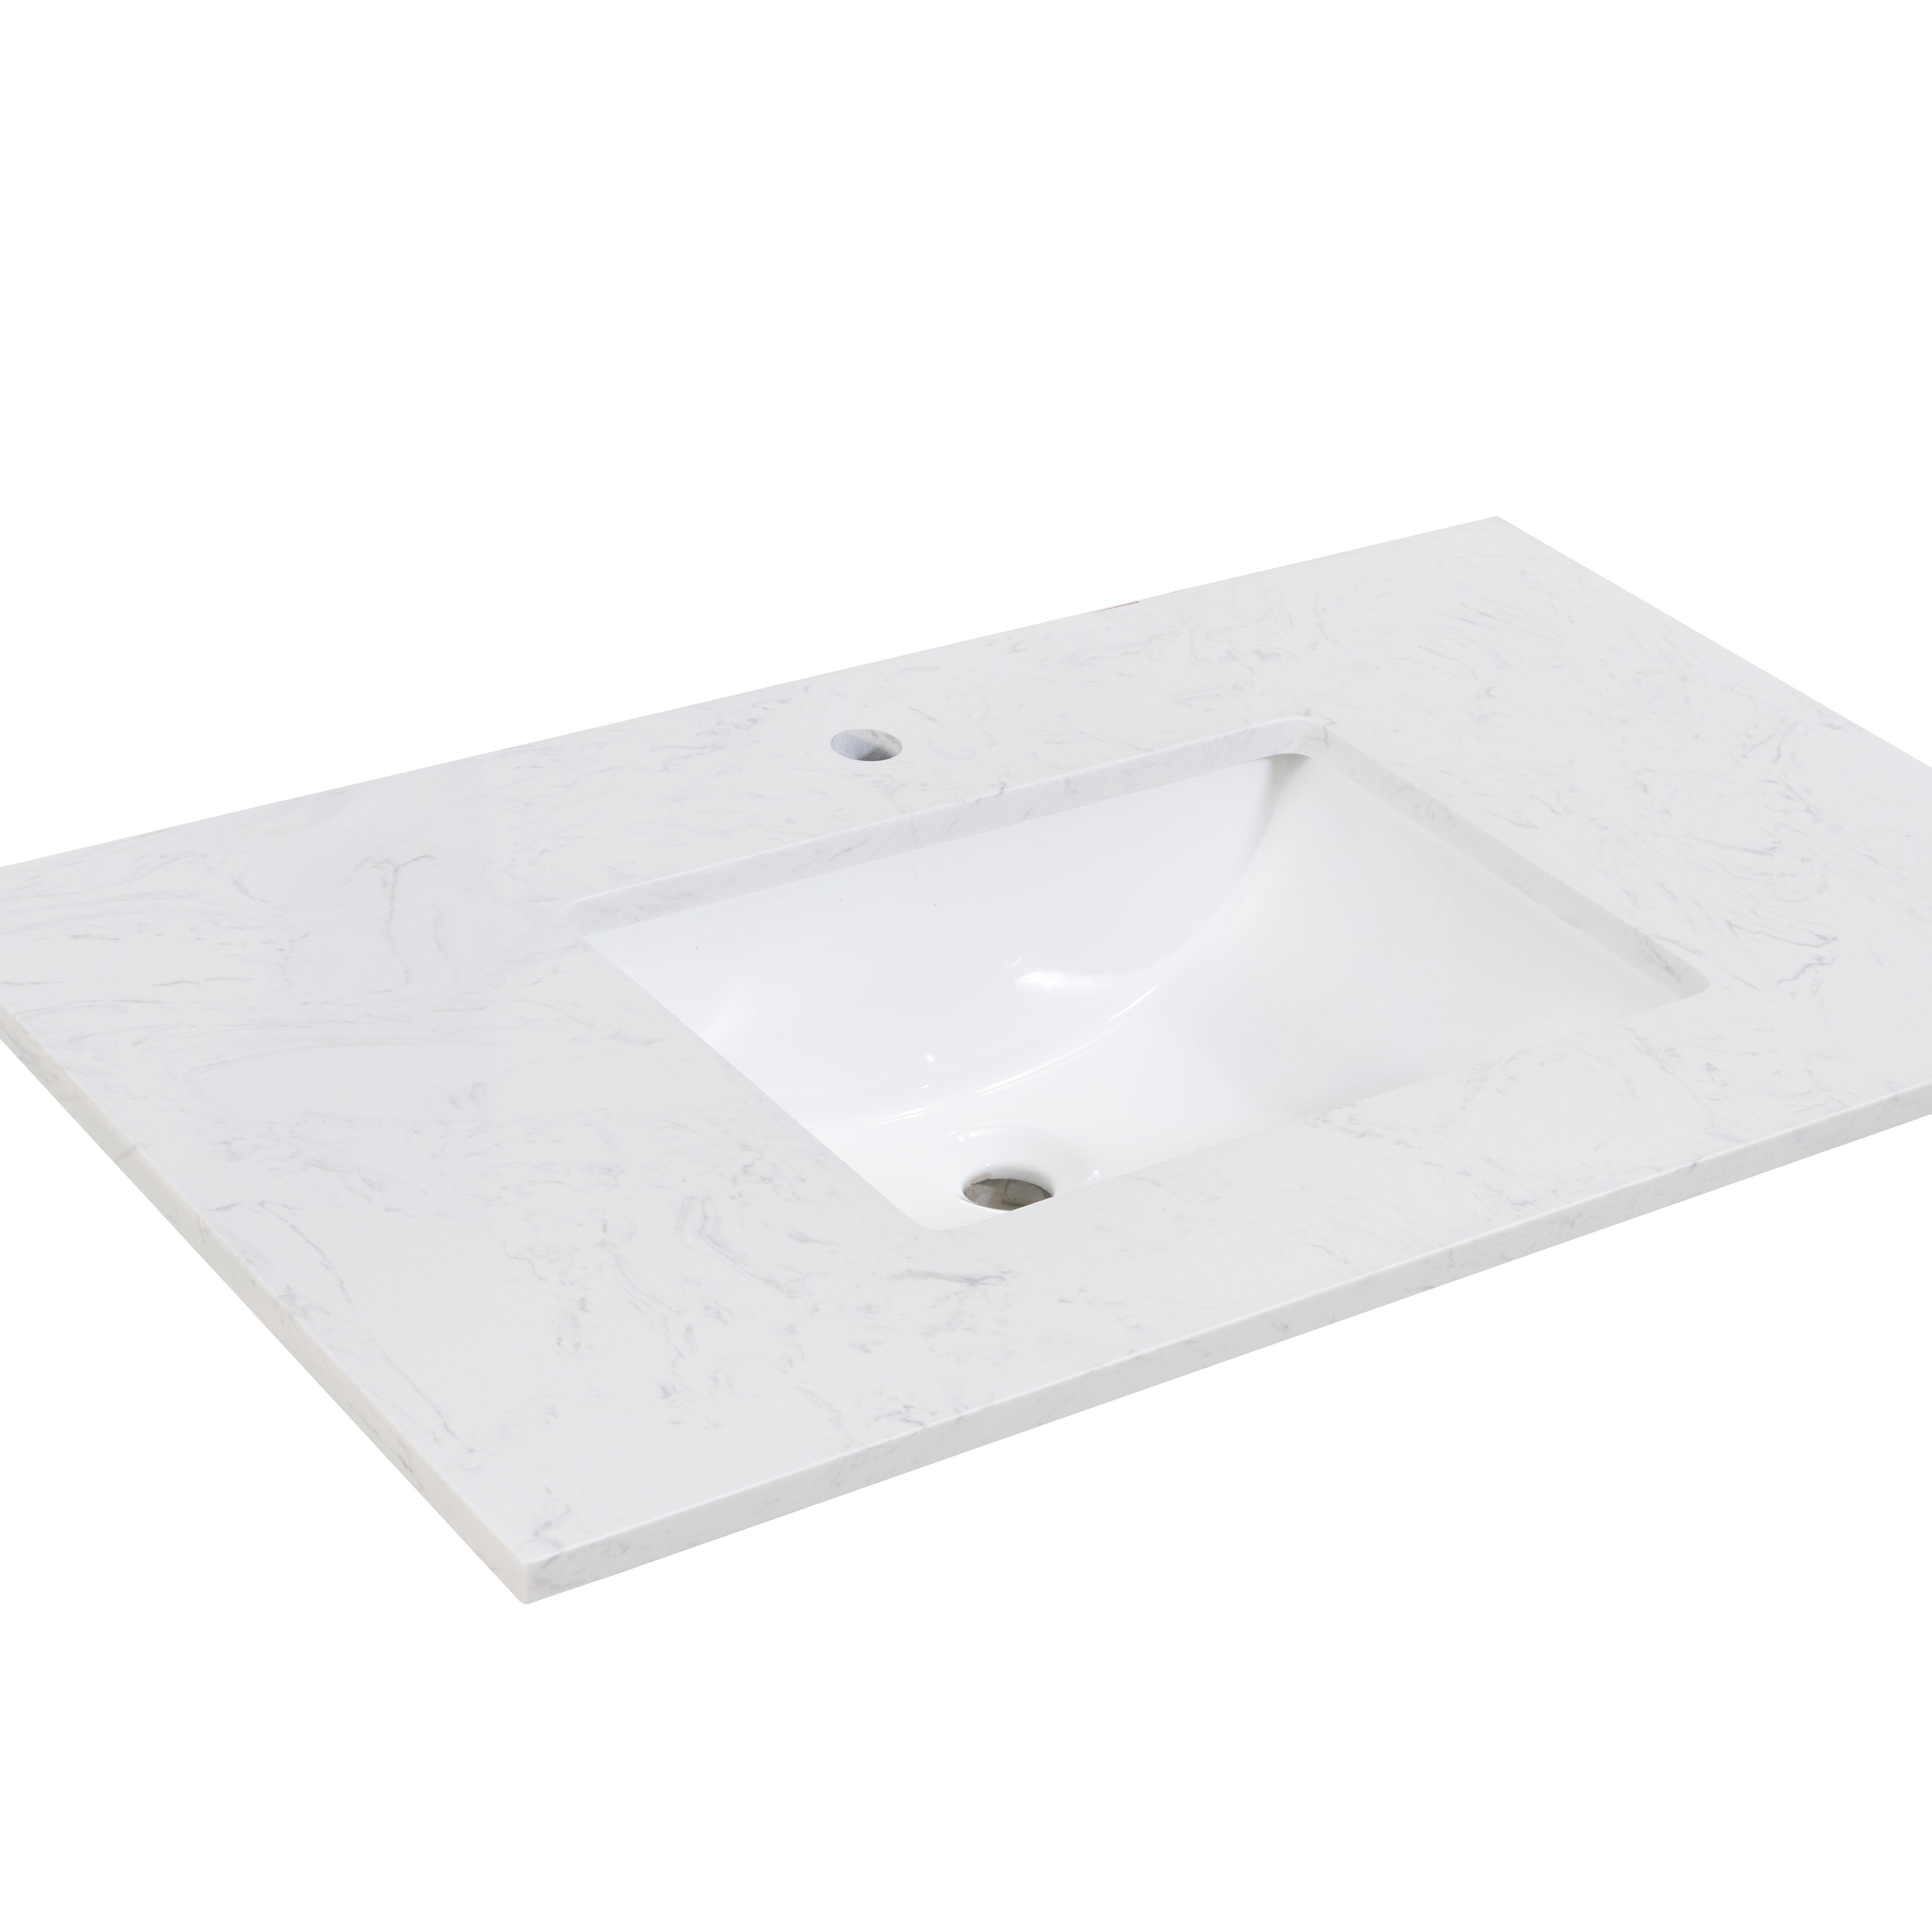 37 Inch Sink Vanity Tops You Ll Love In 2021 Wayfair